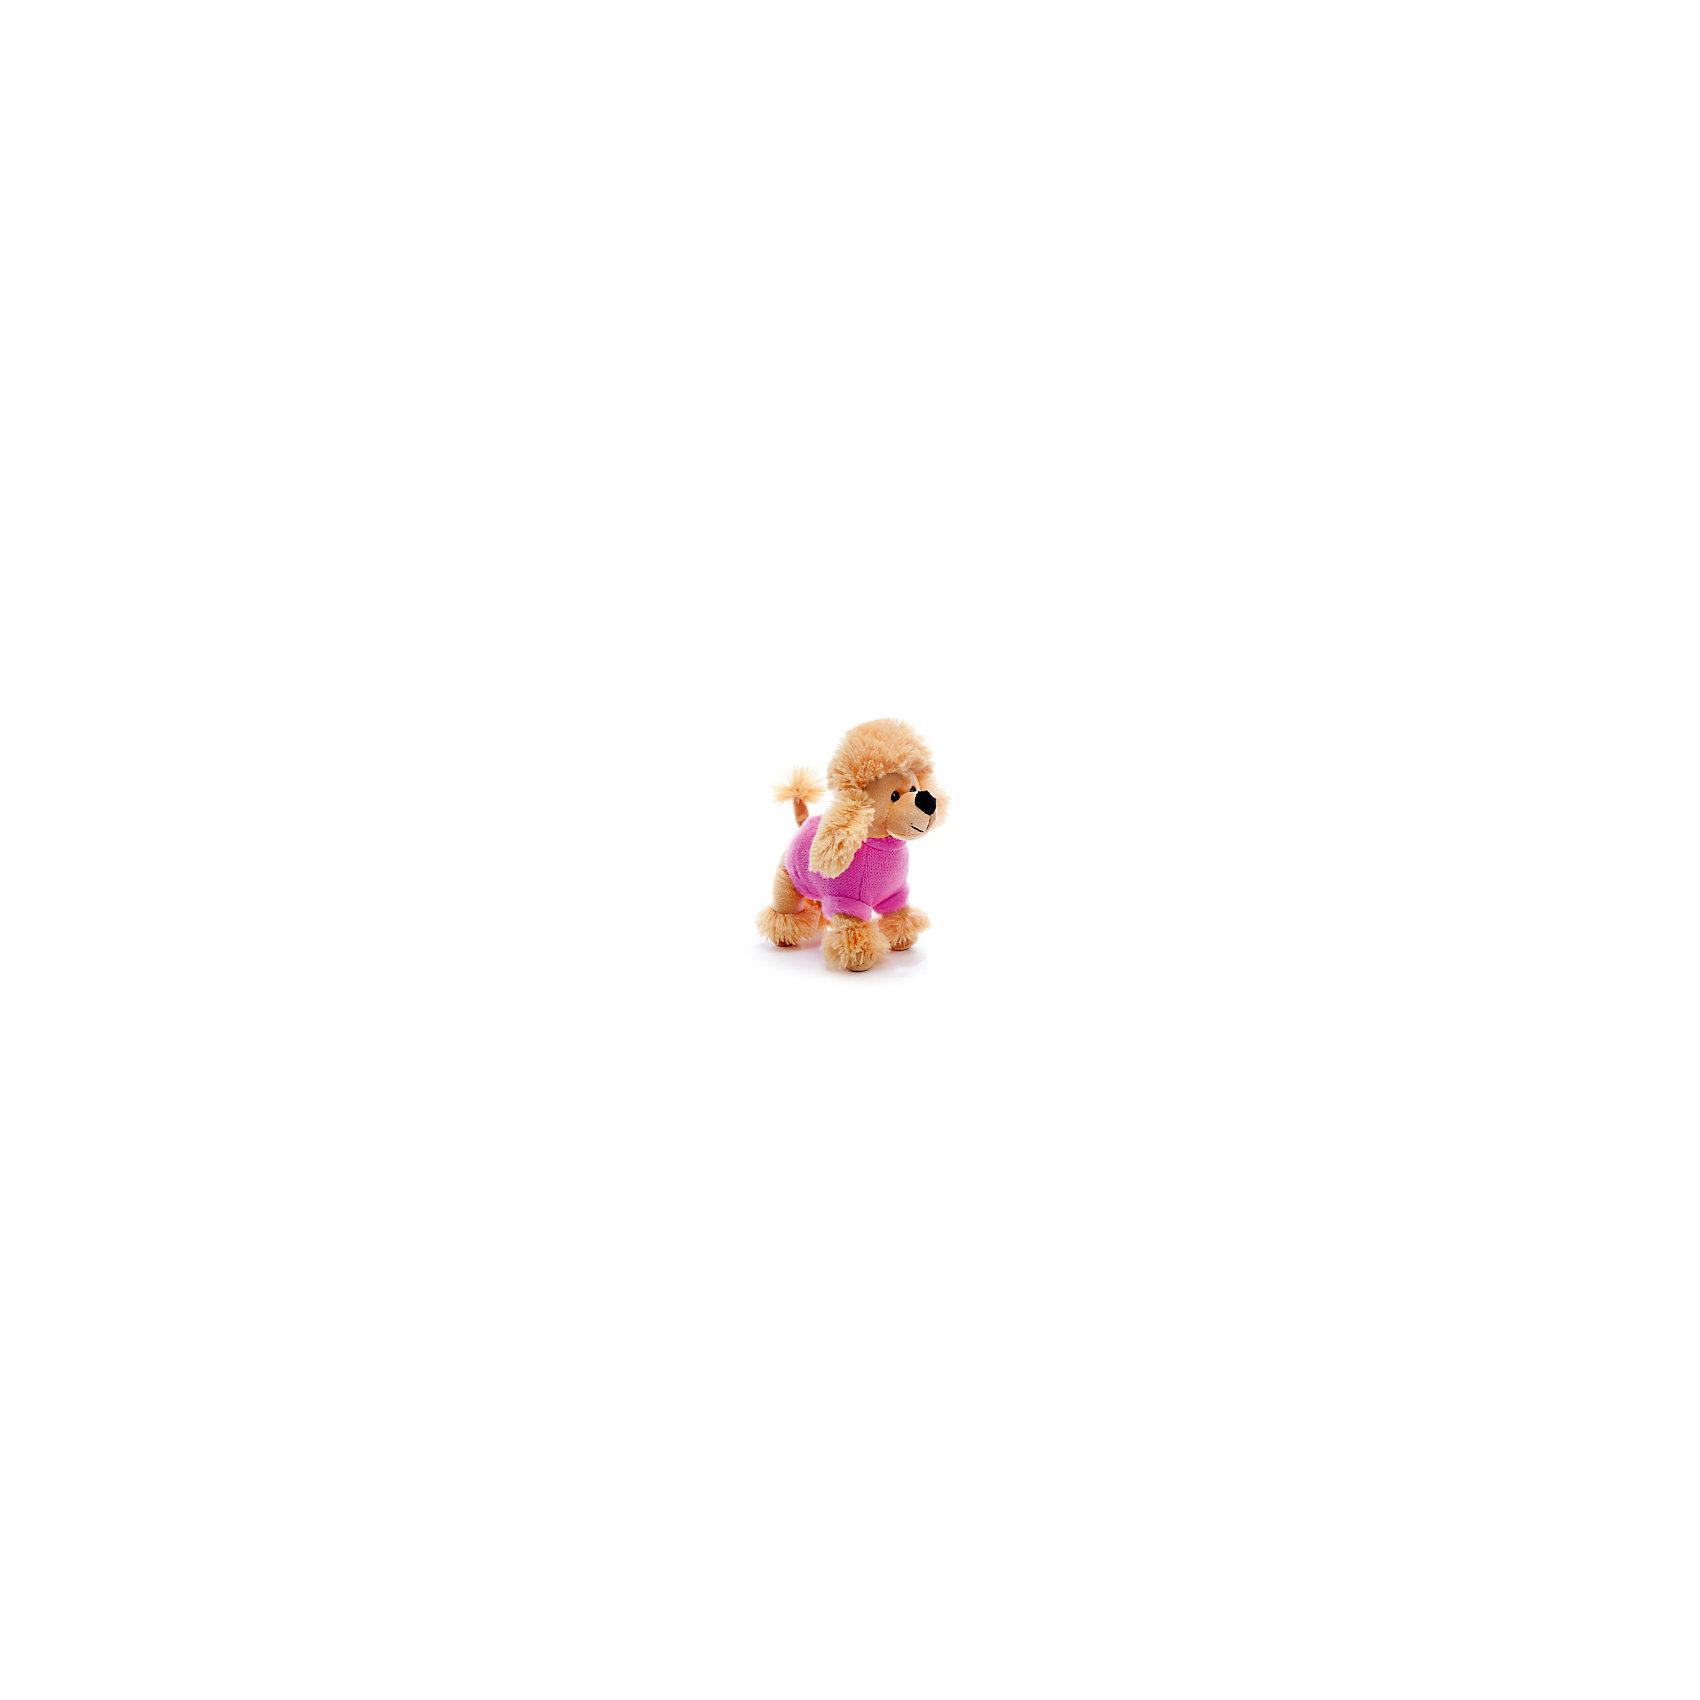 LAVA Пудель музыкальный в розовом, 21 см, LAVA lava бобер музыкальный 19 см